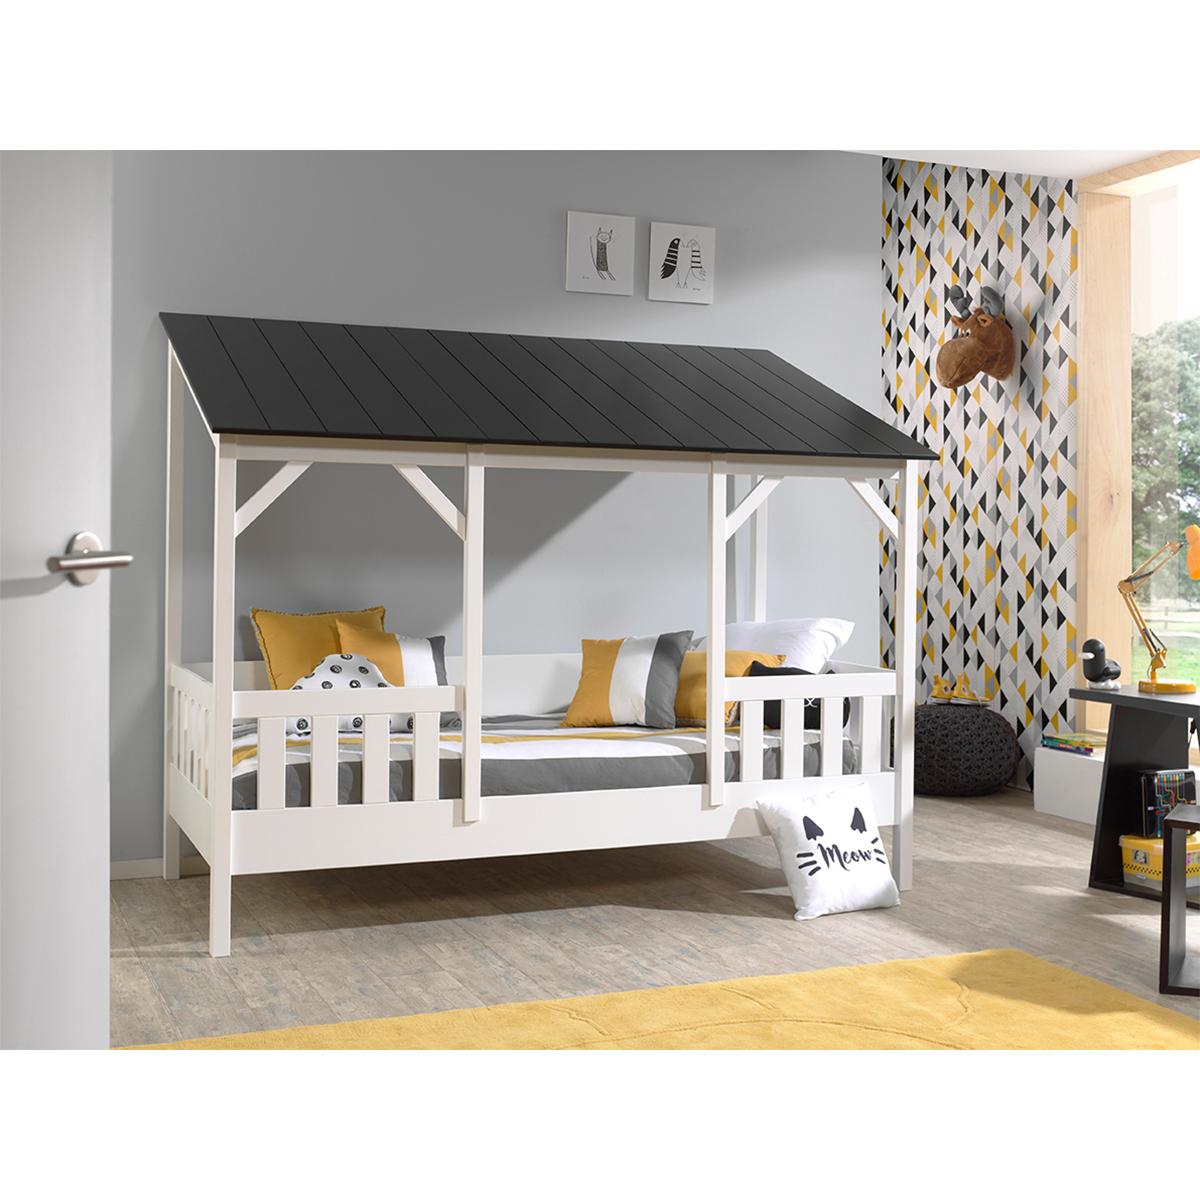 Lit Cabane 90x200 Sommier inclus Vipack HouseBed - Blanc et Noir